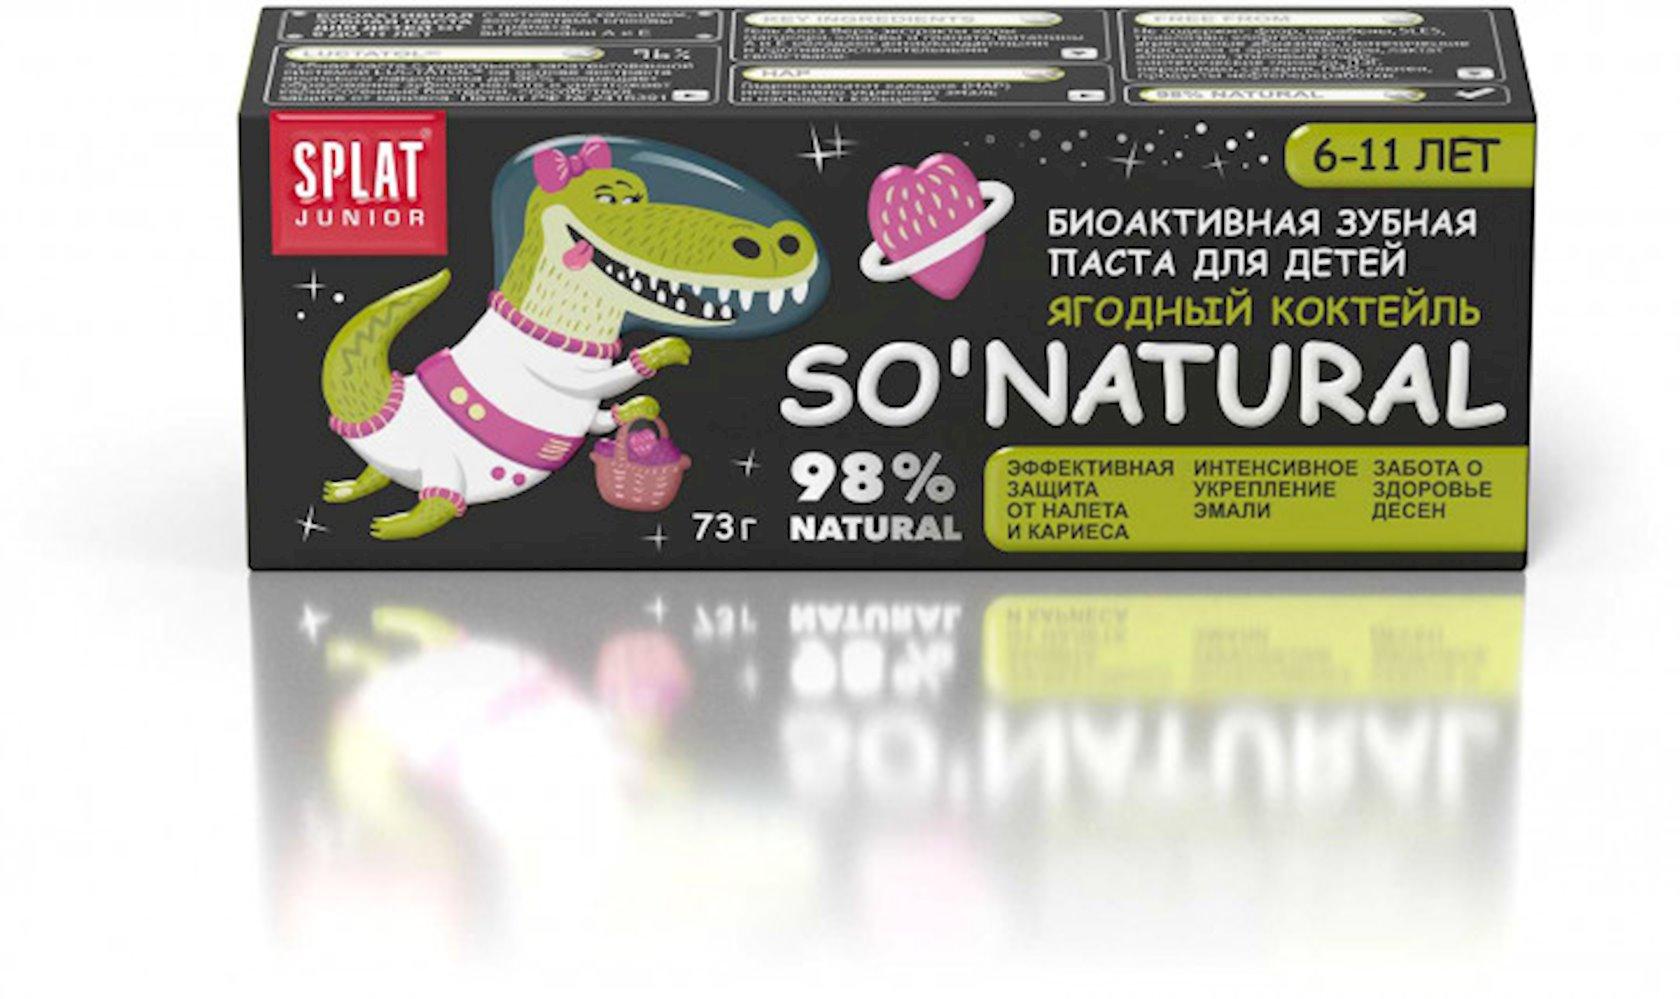 Diş pastası uşaqlar üçün Splat Junior bakteriyalardan və kariyesdən müdafiə, giləmeyvəli kokteyl, 55 ml